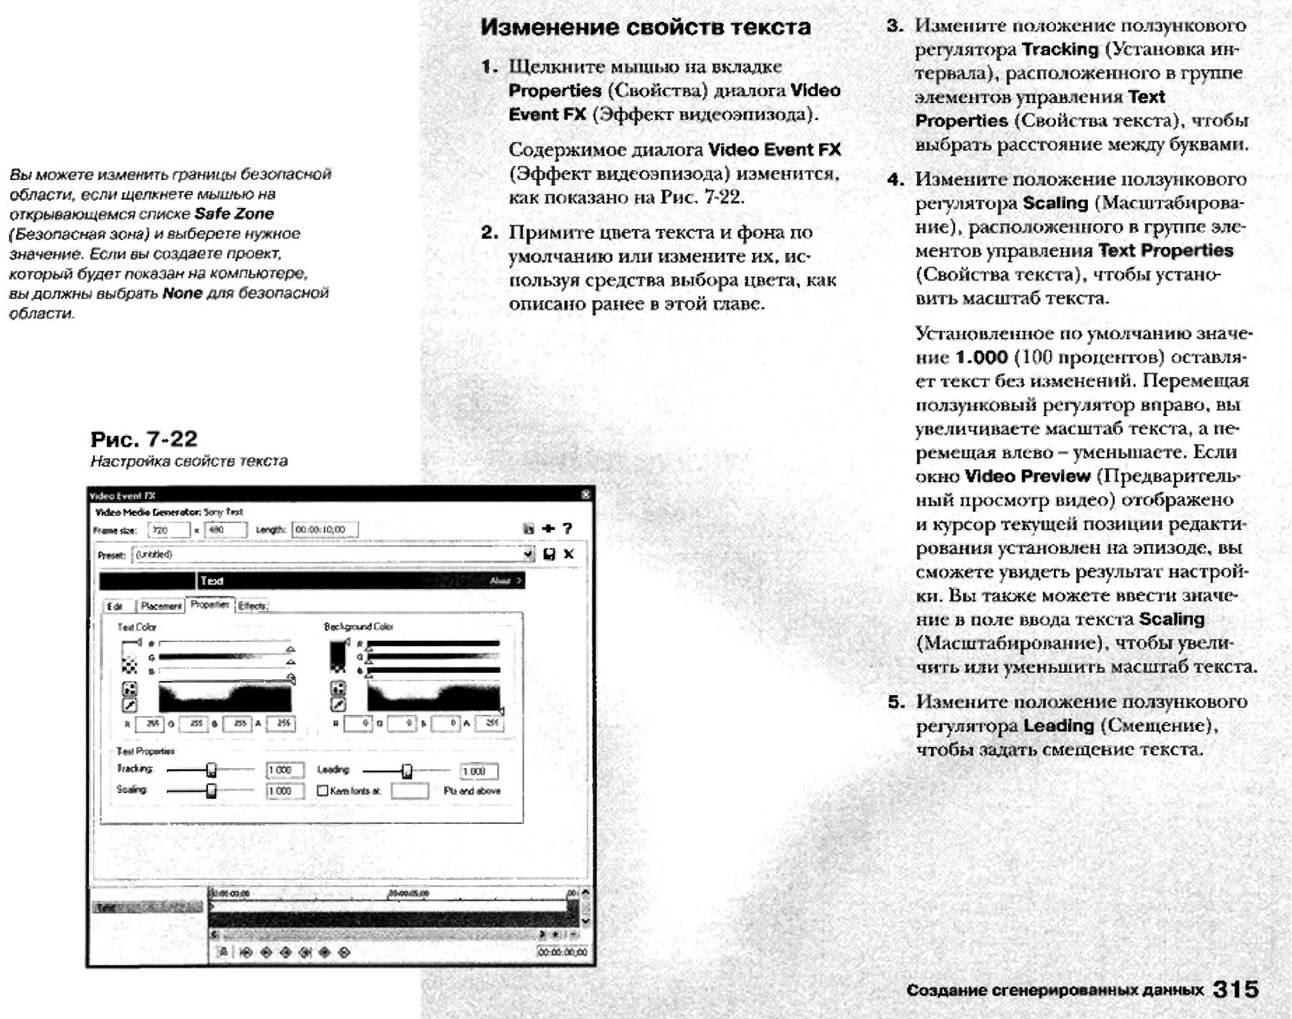 http://redaktori-uroki.3dn.ru/_ph/12/559706952.jpg